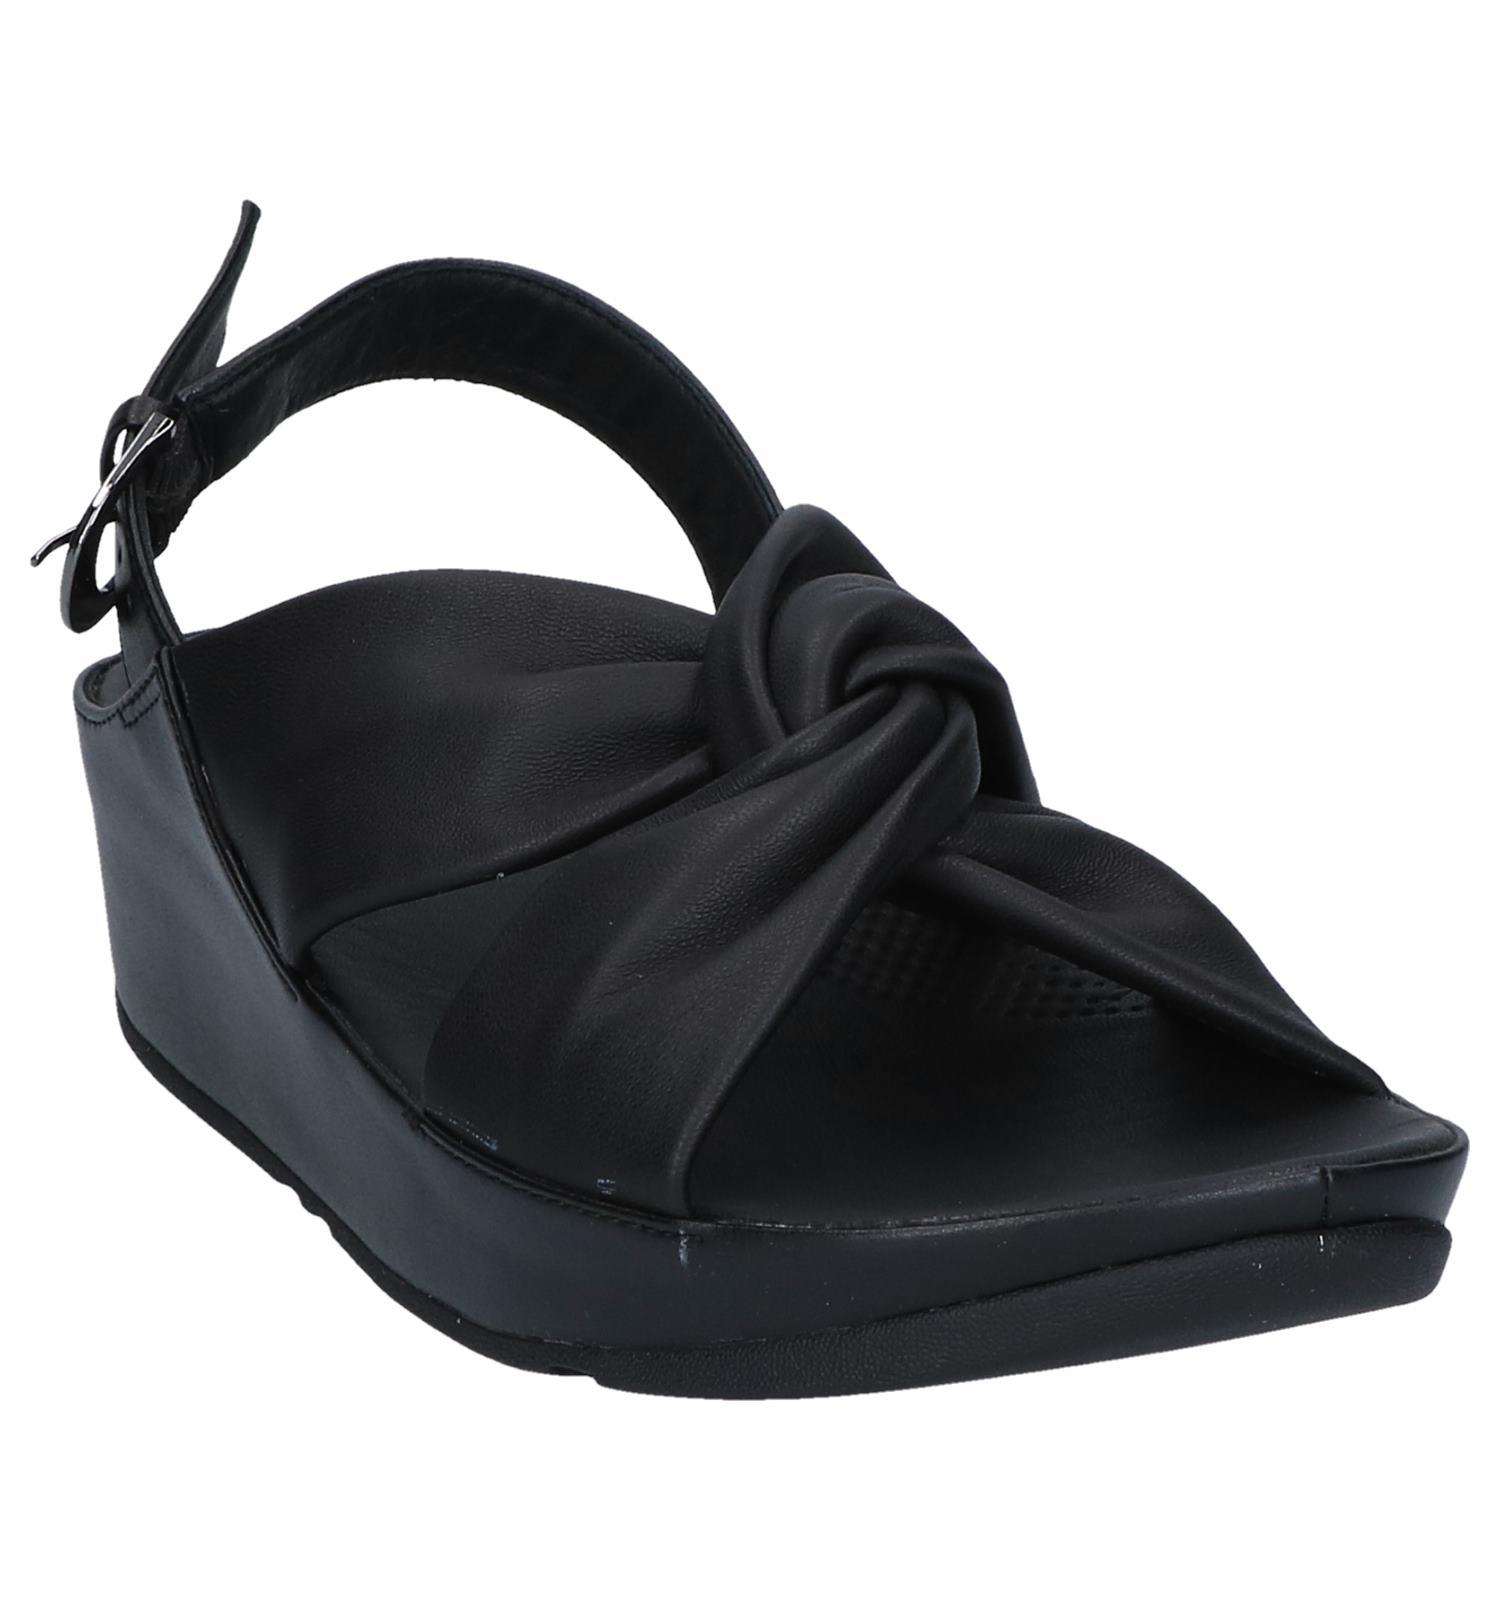 Twiss Fitflop Fitflop Twiss Zwarte Sandalen Sandalen Zwarte QxBshtrdCo